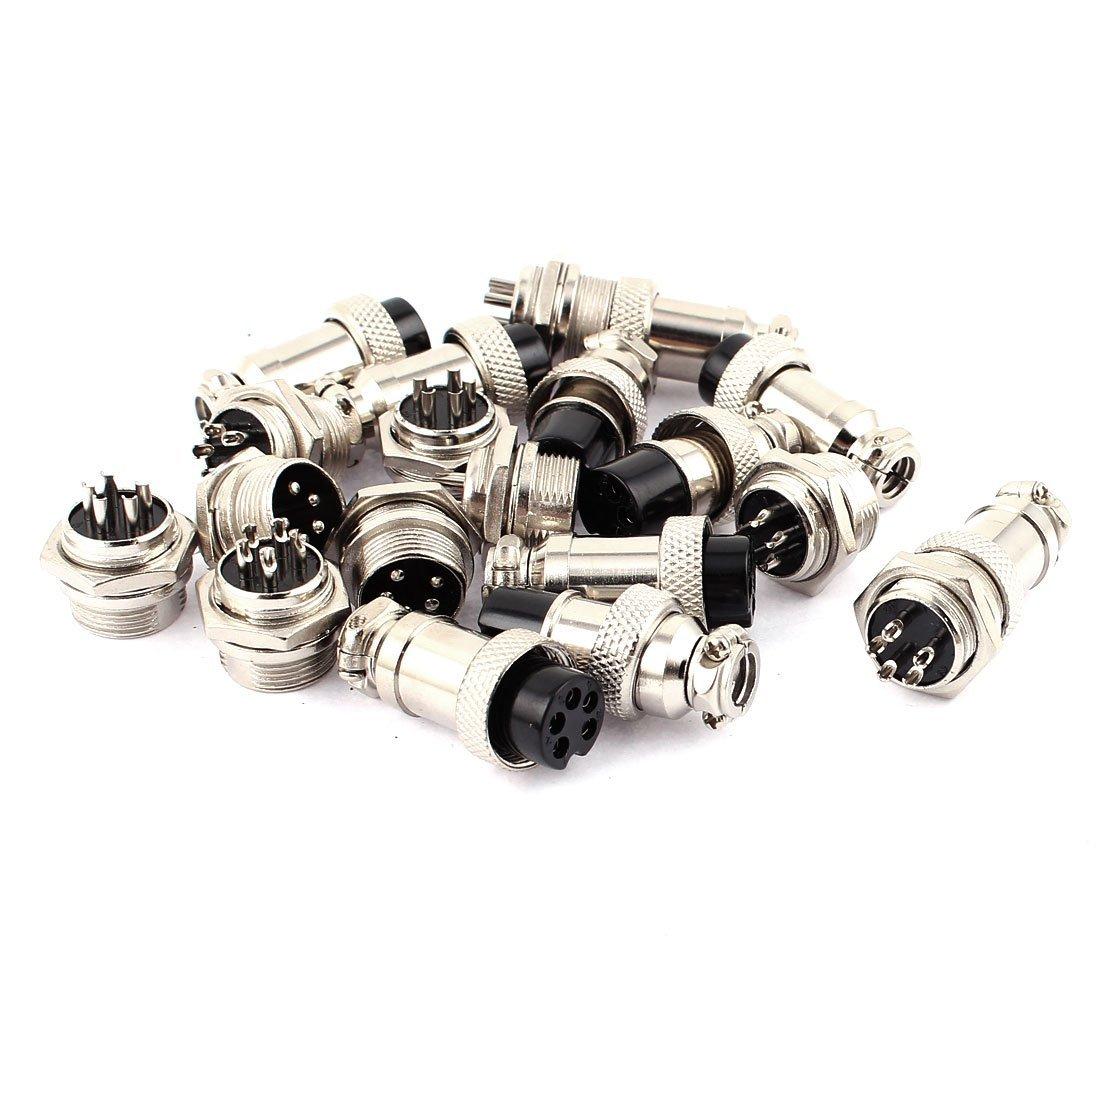 Metall 16mm Gewinde 5 Pins Panel-Luftfahrt-Stecker Draht-Verbindungs ...